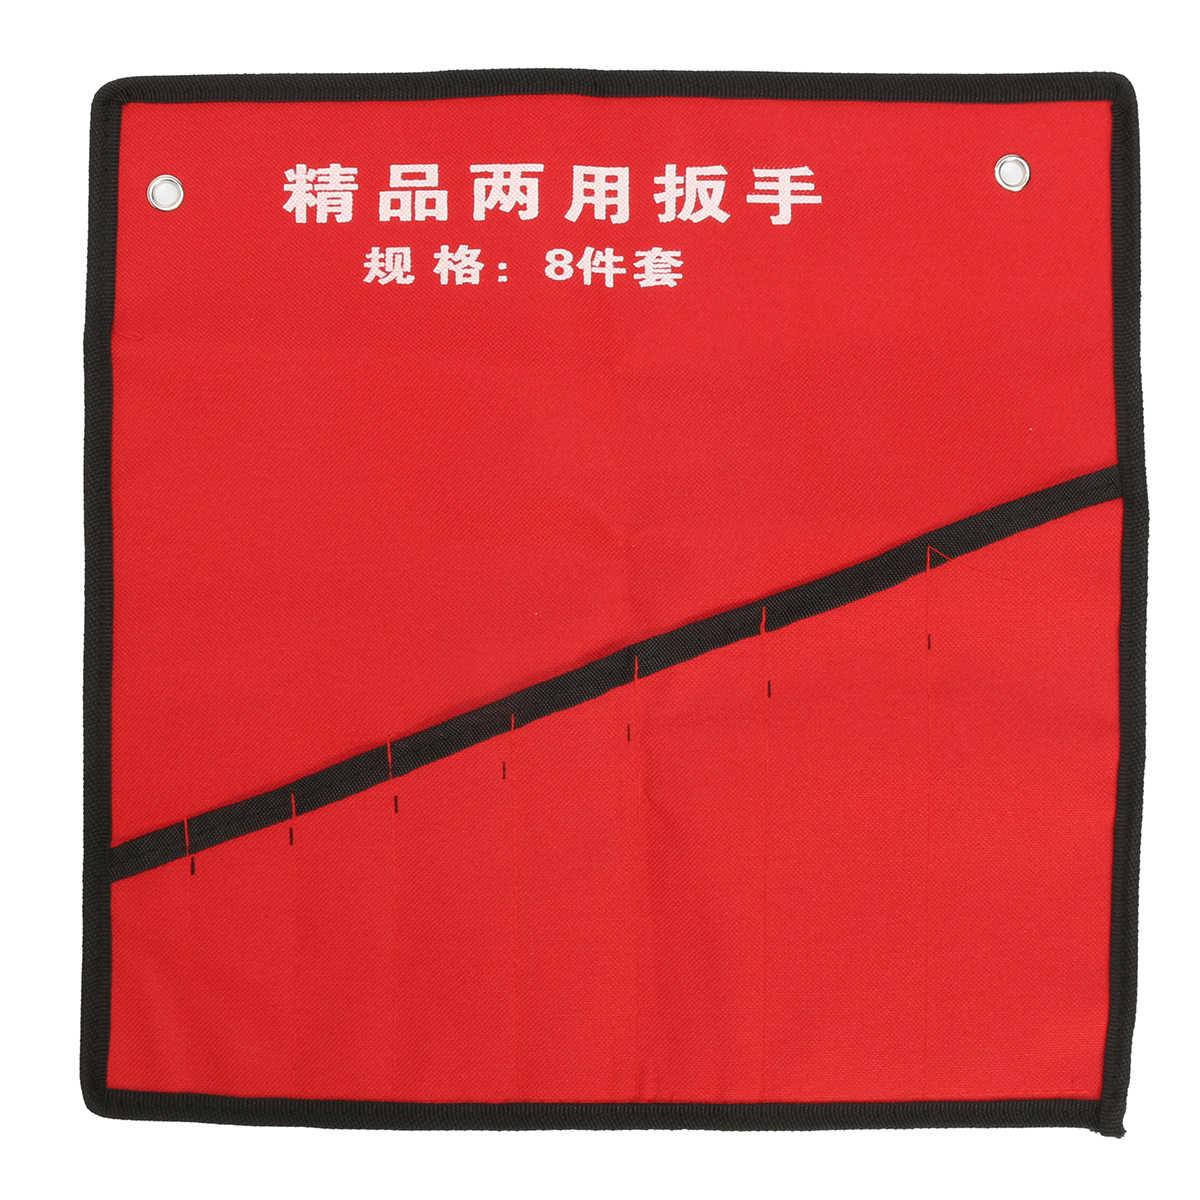 8/10/14 bolsos Roll Up Ferramentas Chave Spanner chave Titular Organizador De Armazenamento Bolsa de Lona Saco De Armazenamento Multifuncional caso Vermelho